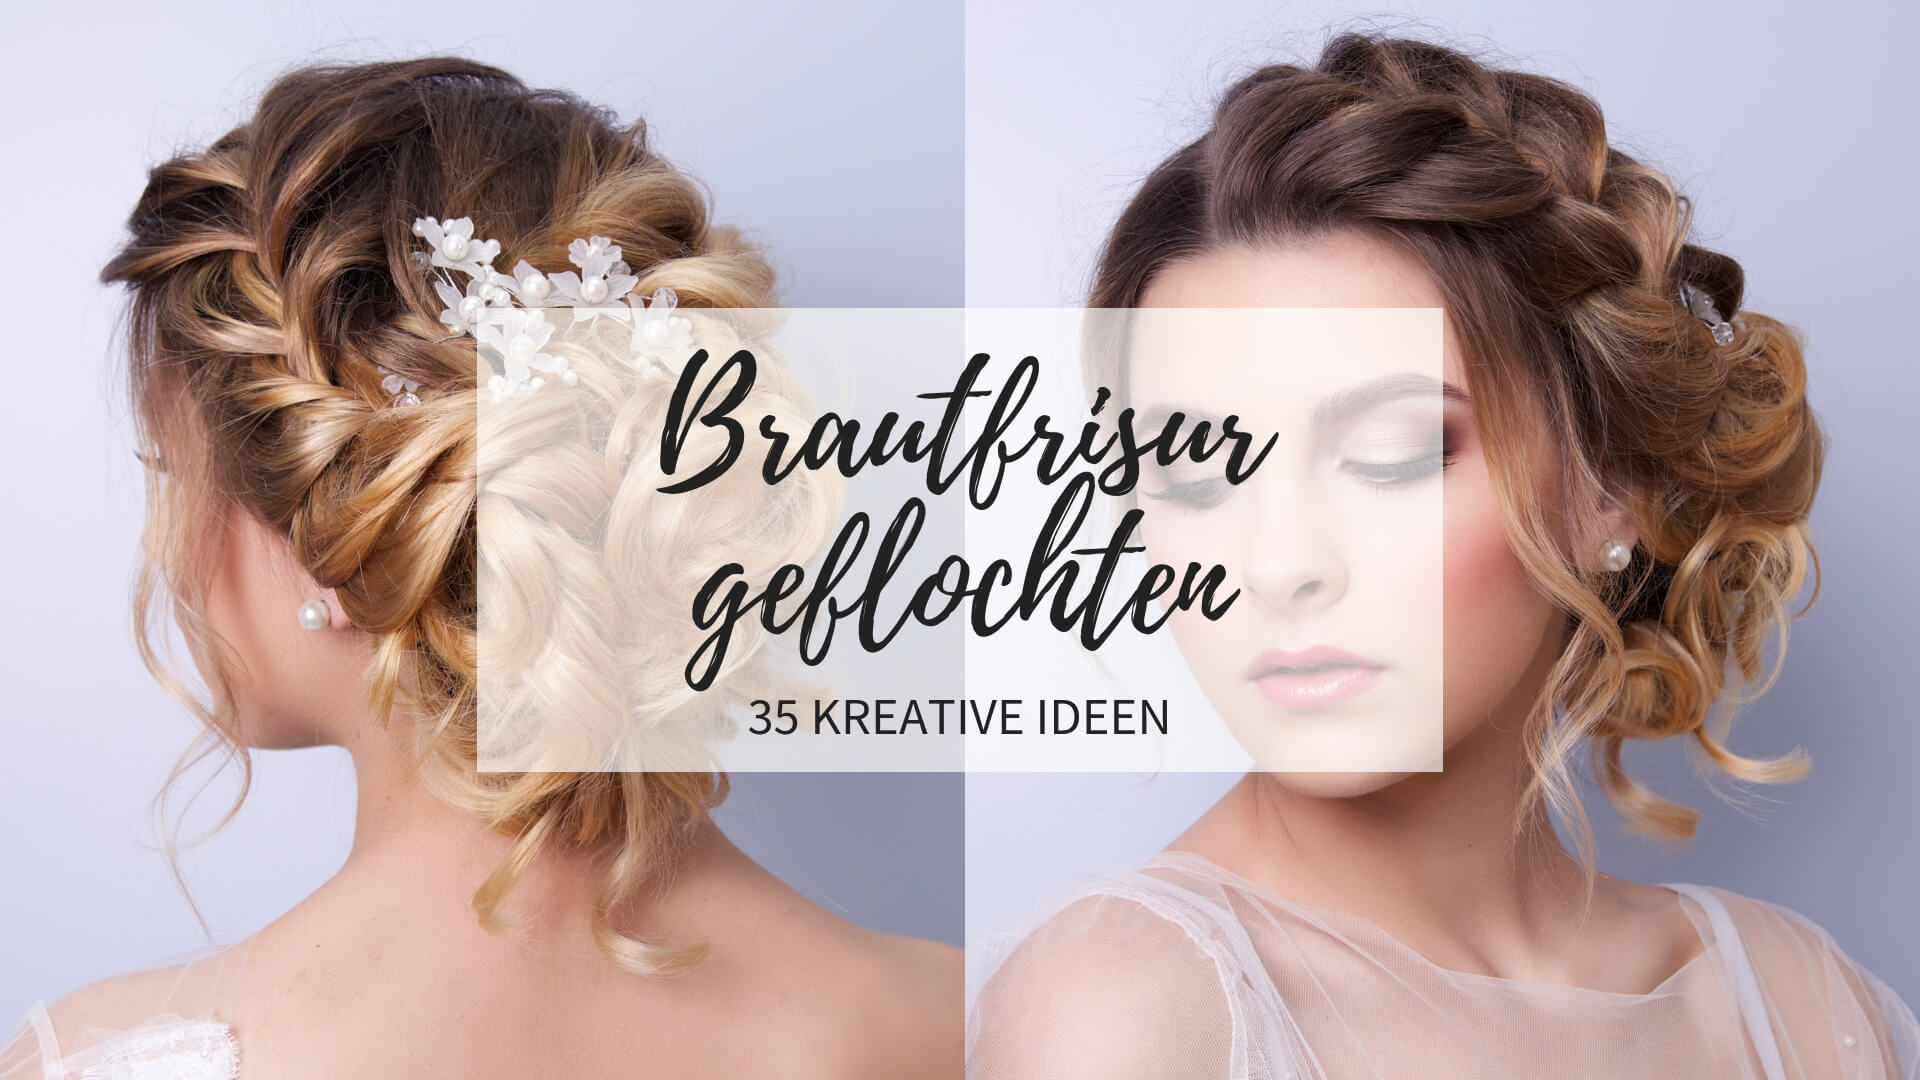 Brautfrisur geflochten? 11 kreative Ideen - Hochzeitskiste